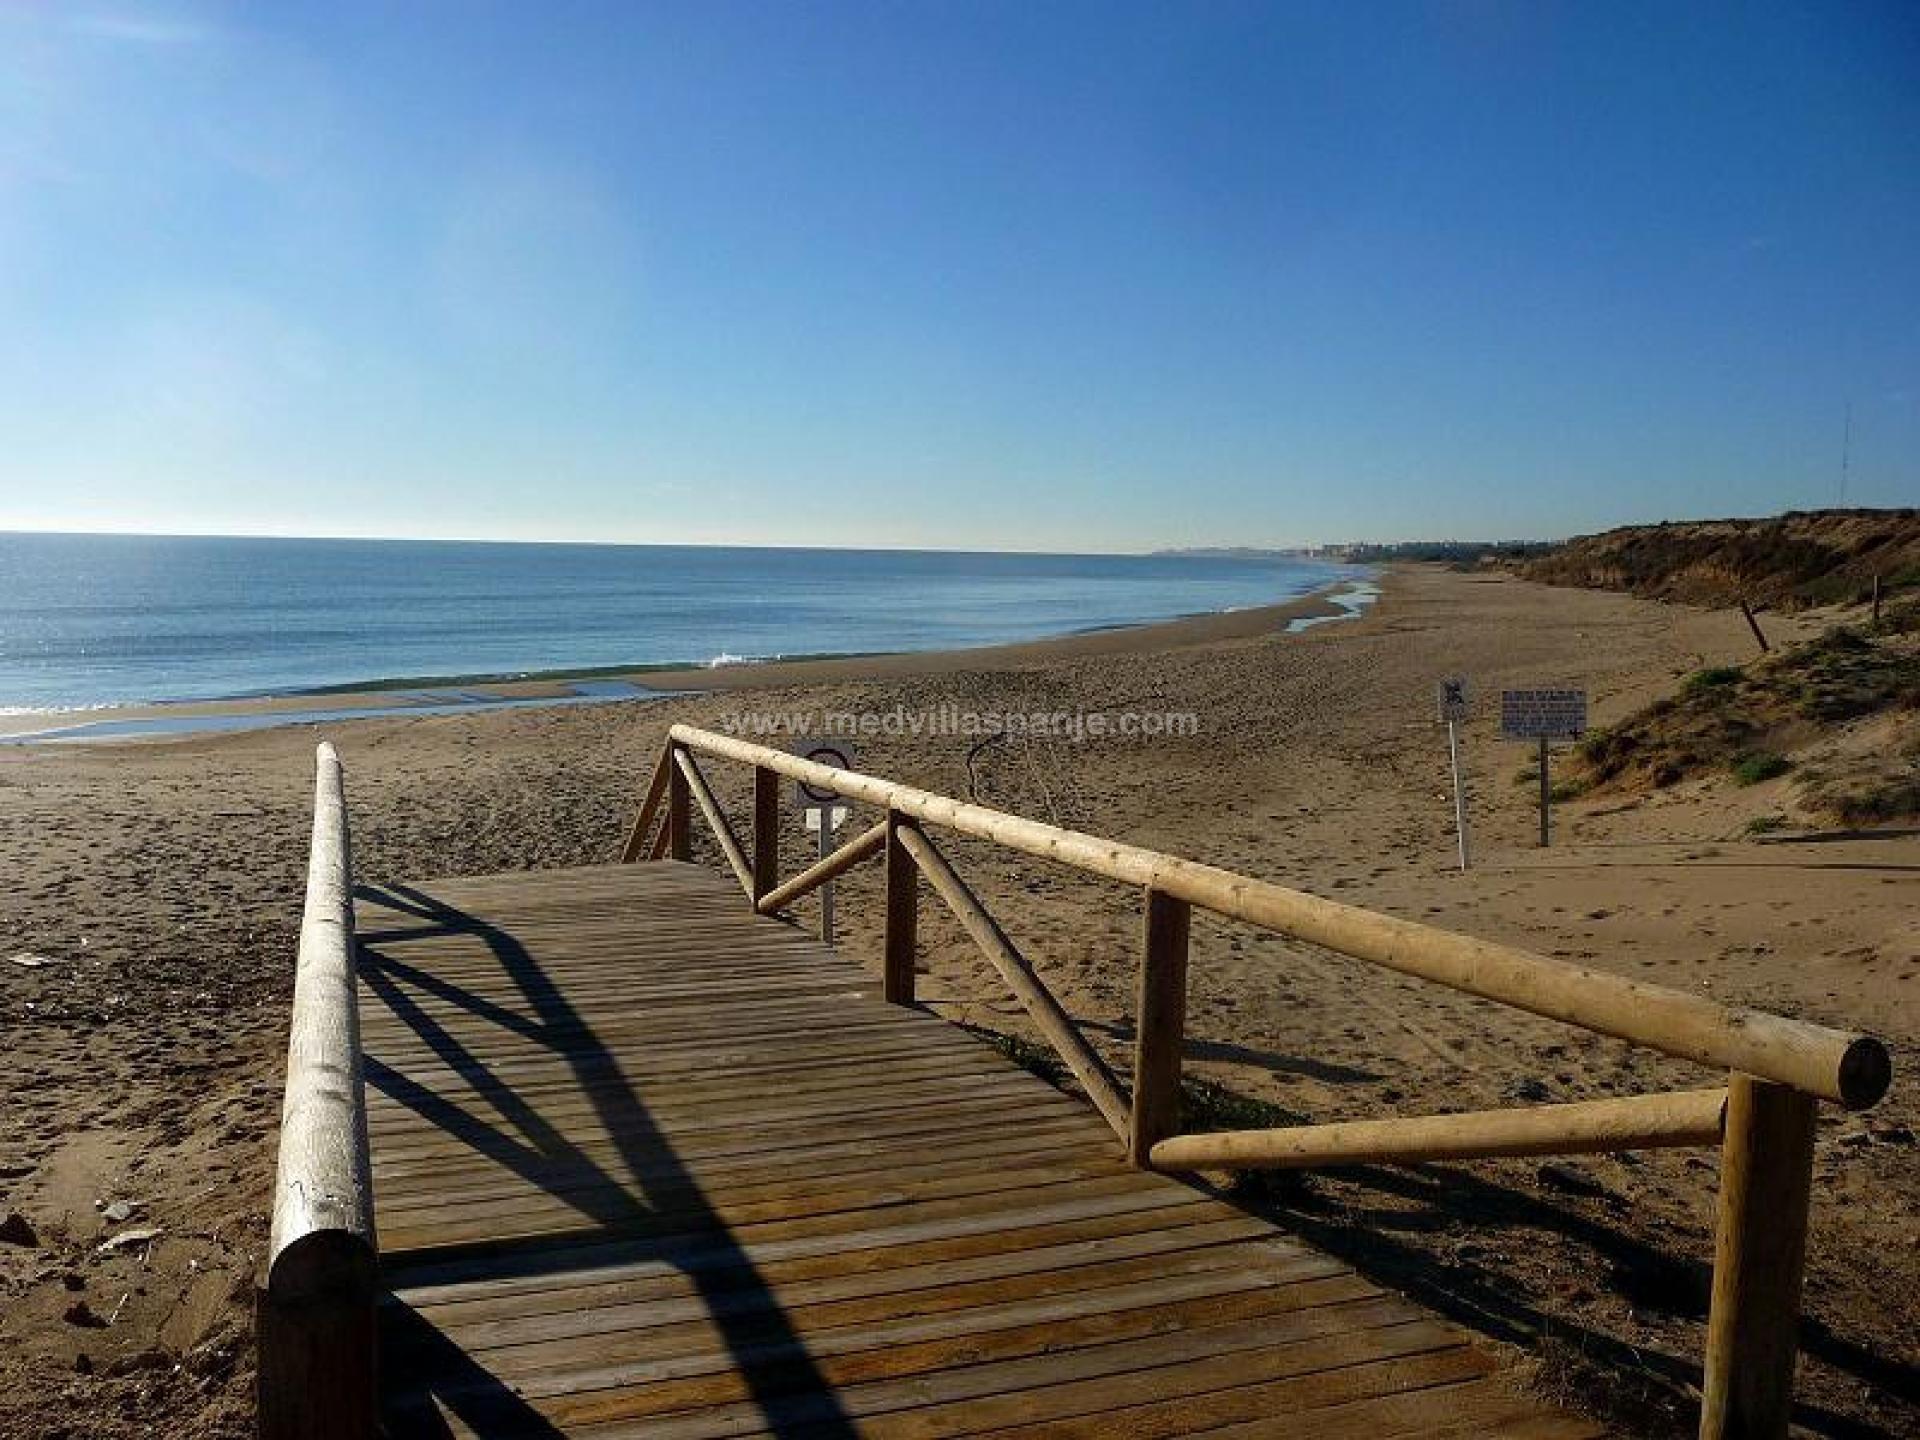 3 bedroom Villa in Guardamar - New build in Medvilla Spanje